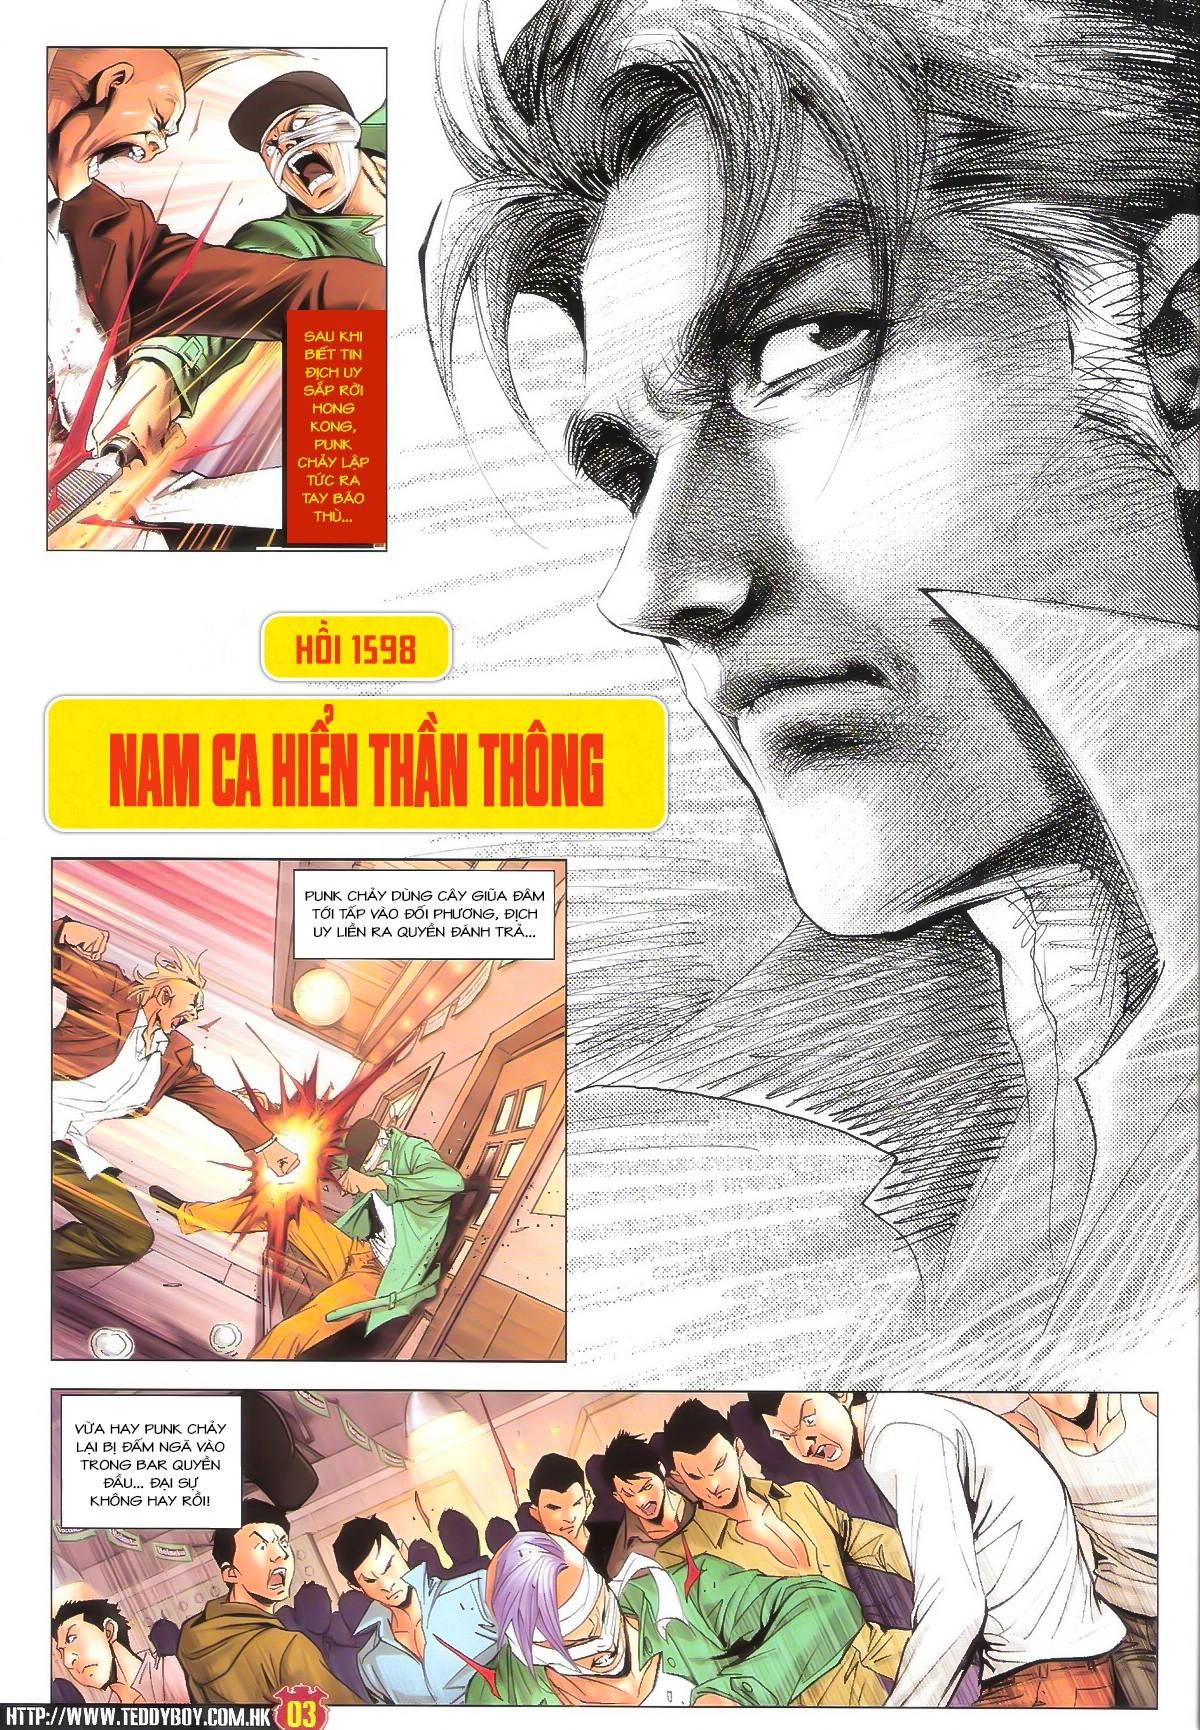 Người Trong Giang Hồ NetTruyen chap 1598 - Trang 2